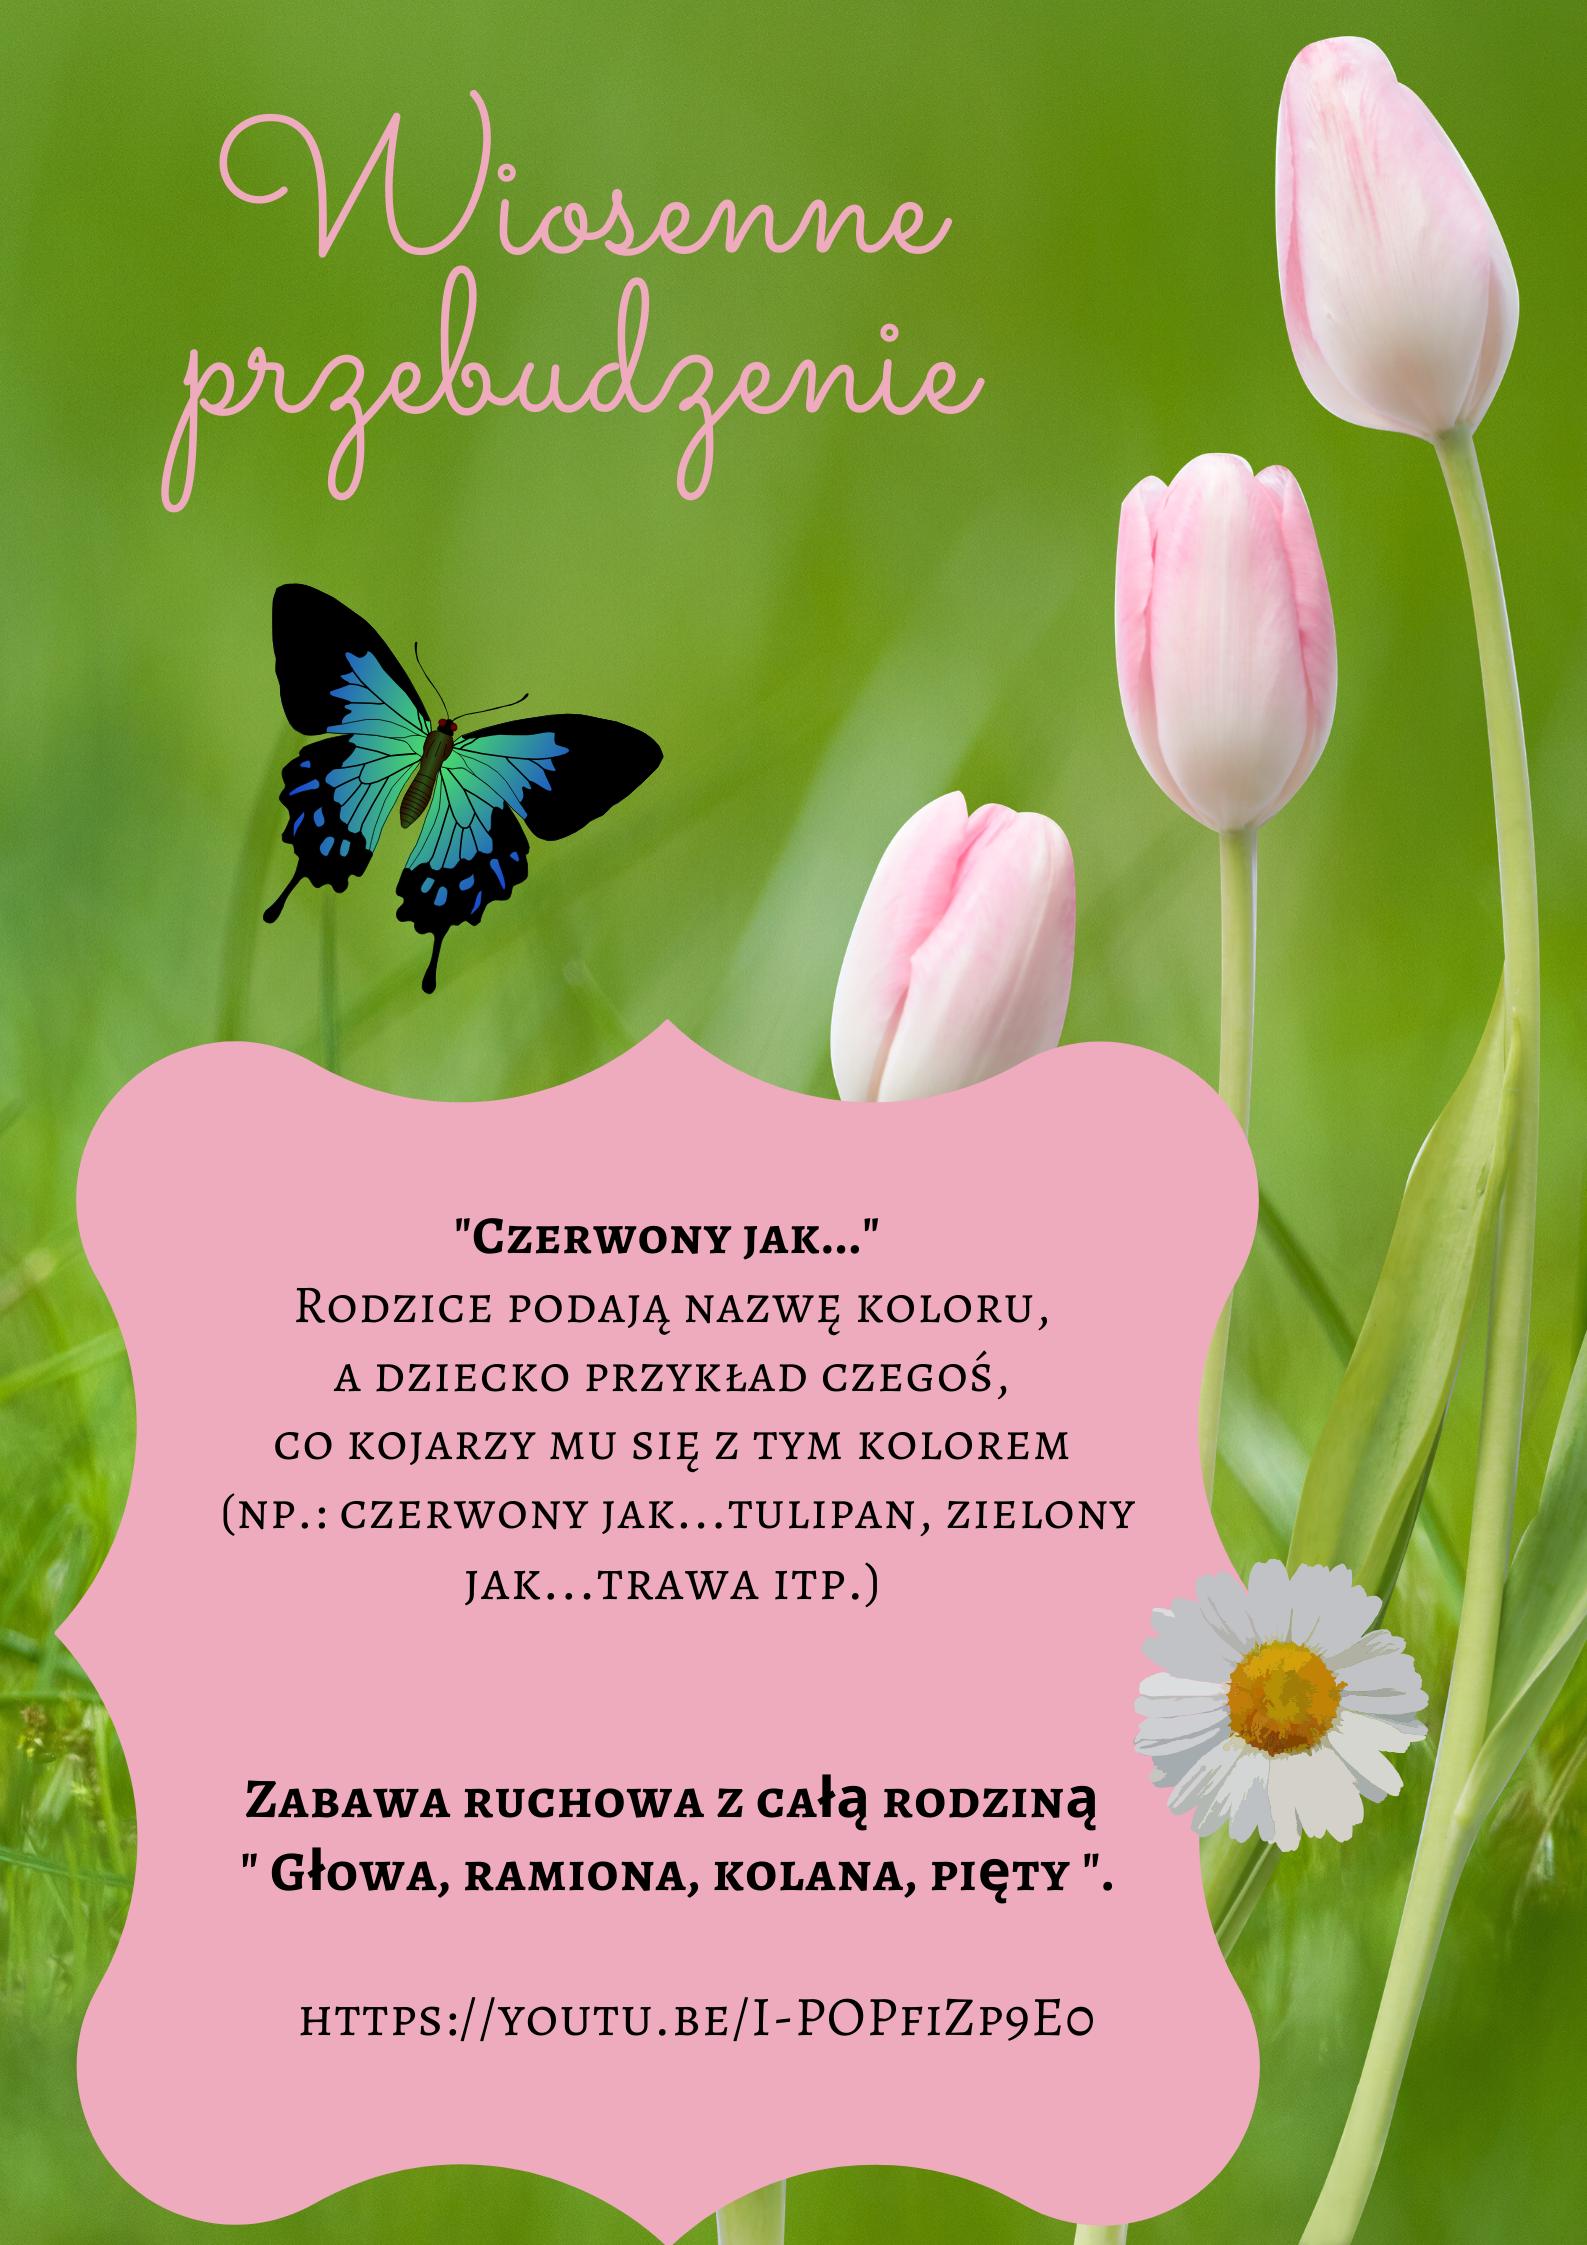 Wiosenne przebudzenie 5.png